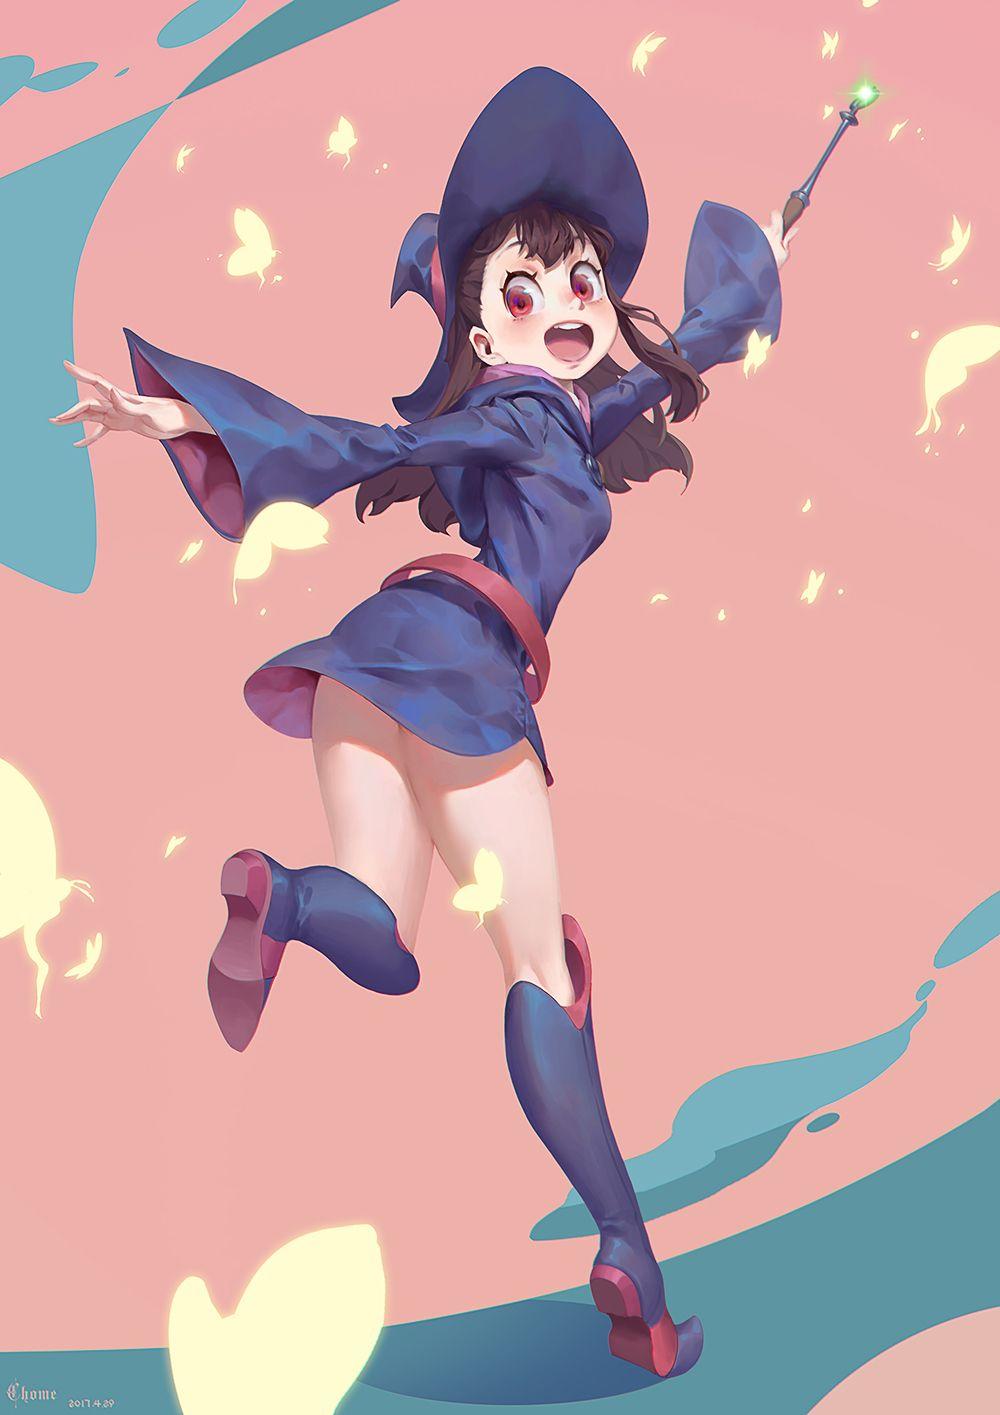 Hottest ebony girl witches cartoon-35834